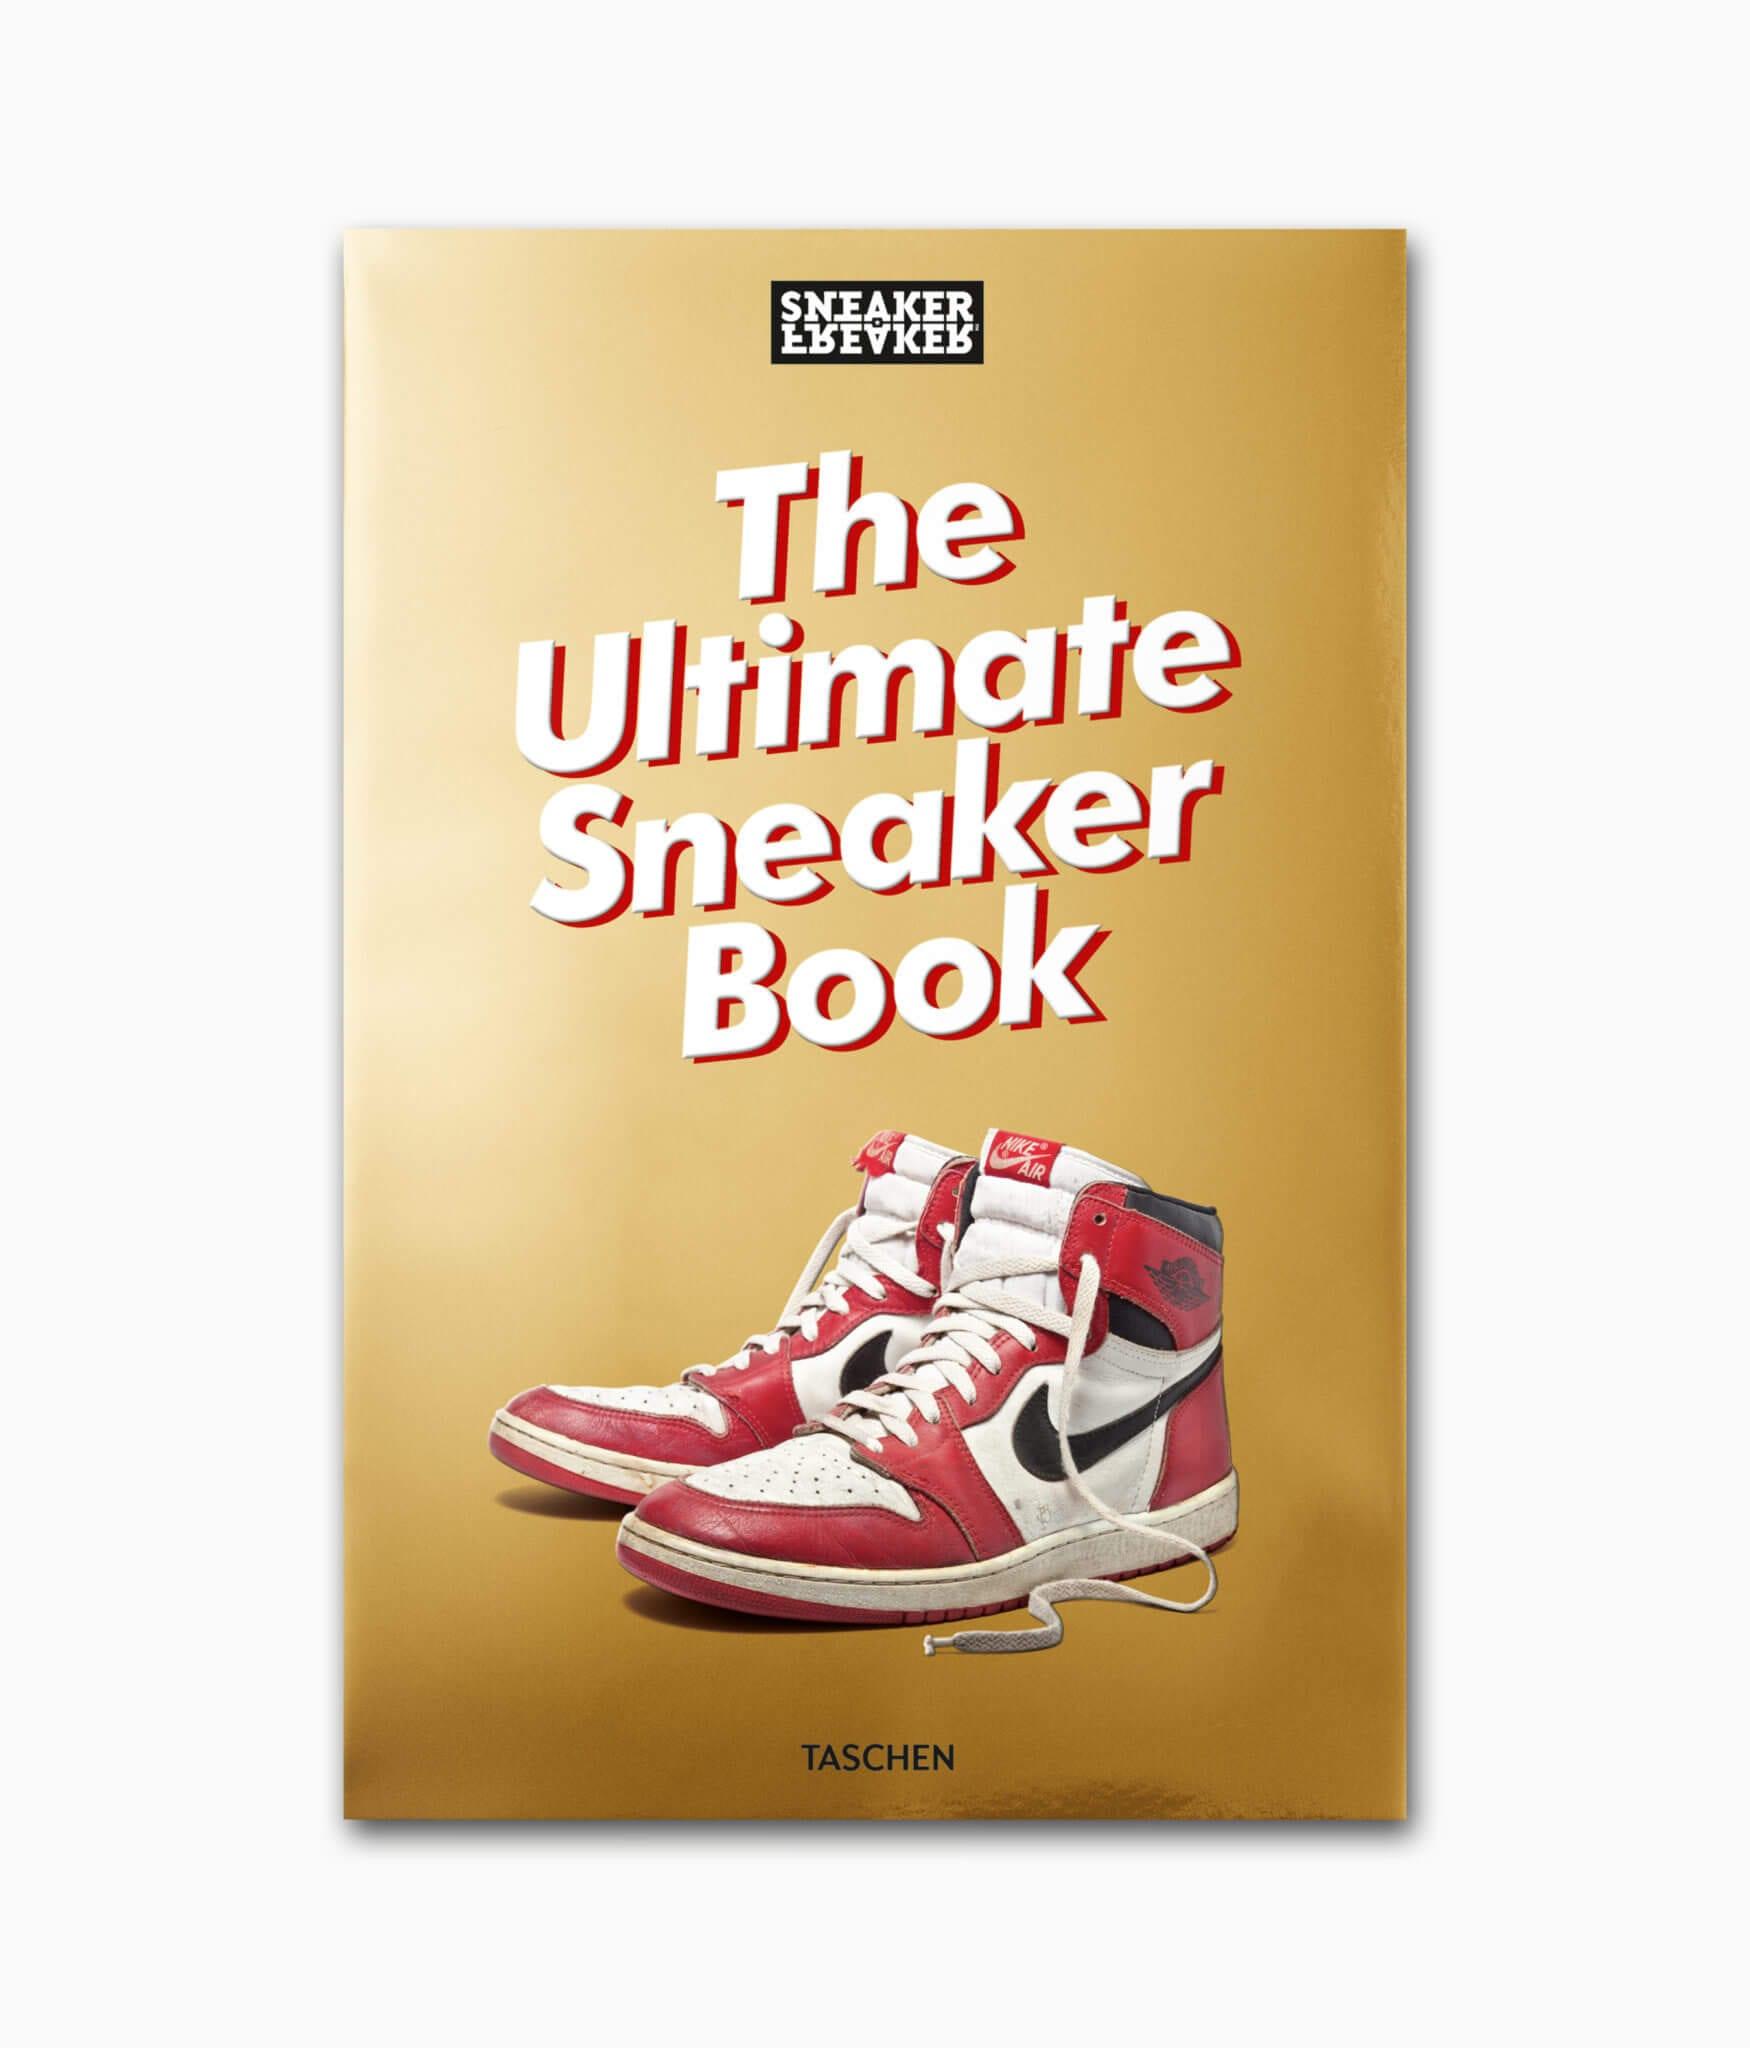 Cover von dem Bildband Sneaker Freaker erschienen im TASCHEN Verlag